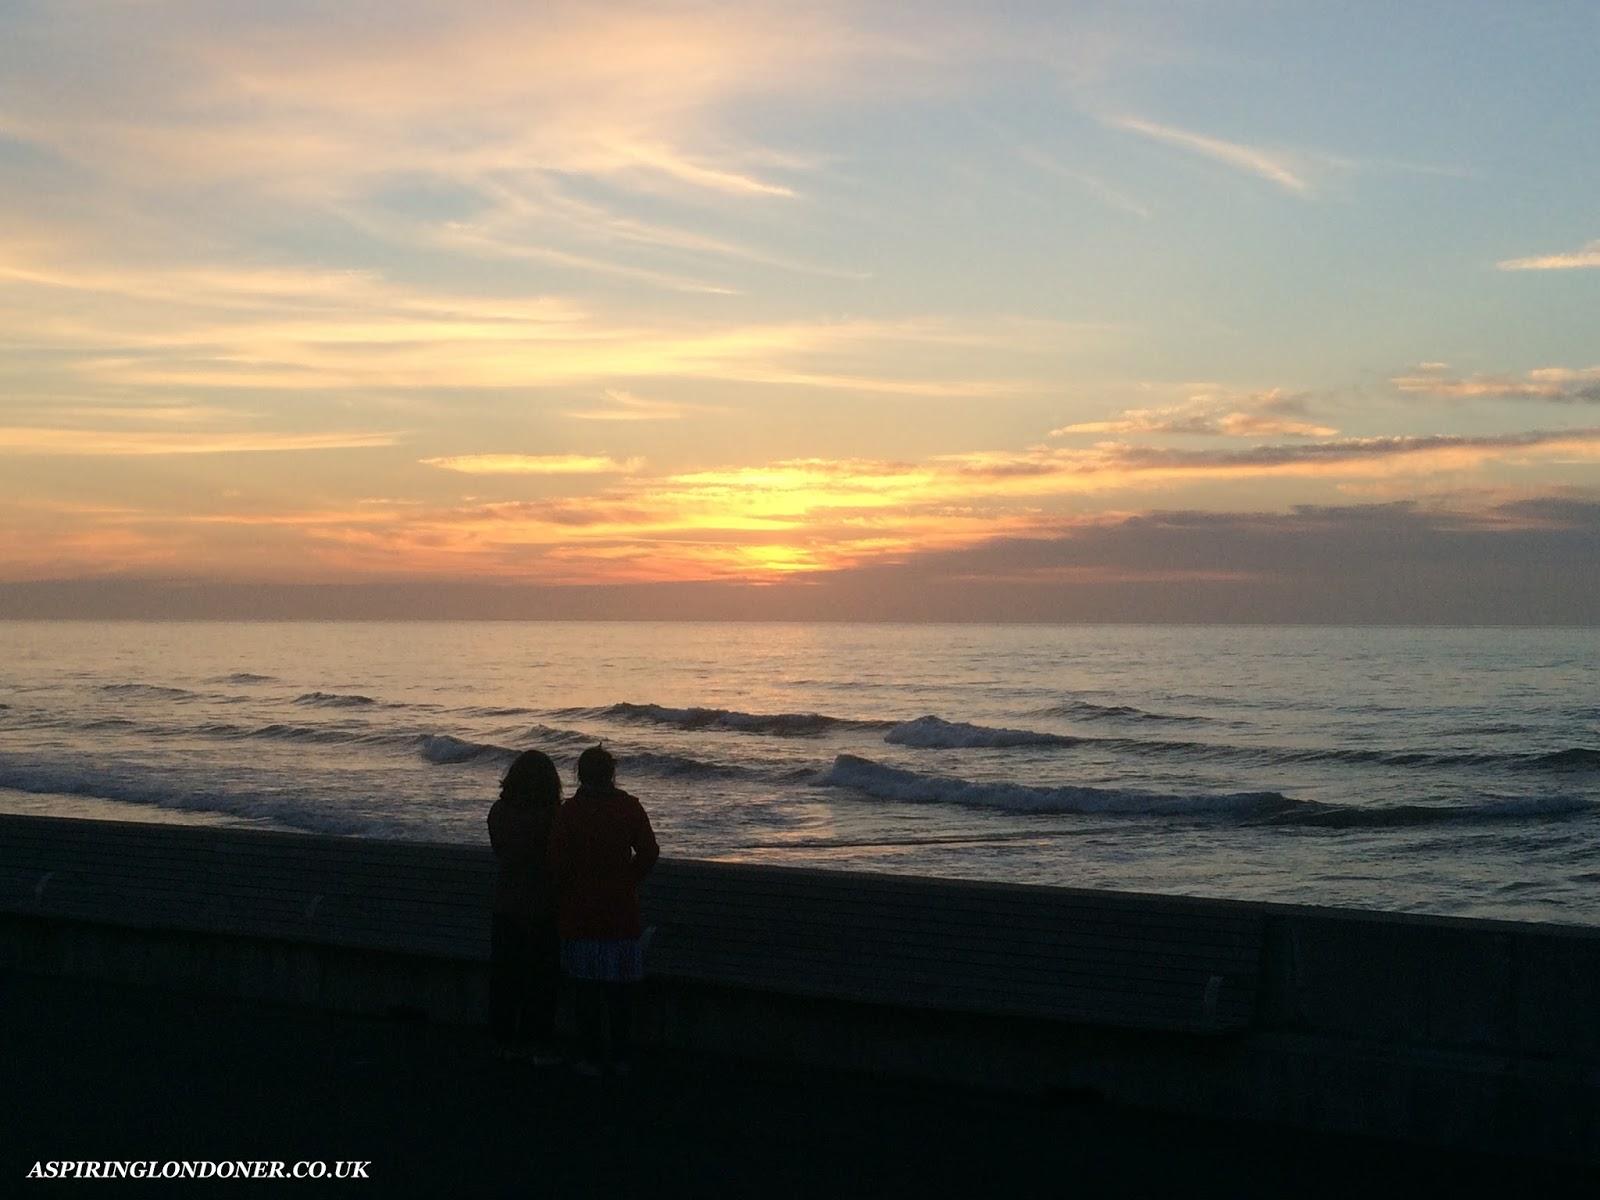 Sunrise Roker Beach Sunderland - Aspiring Londoner